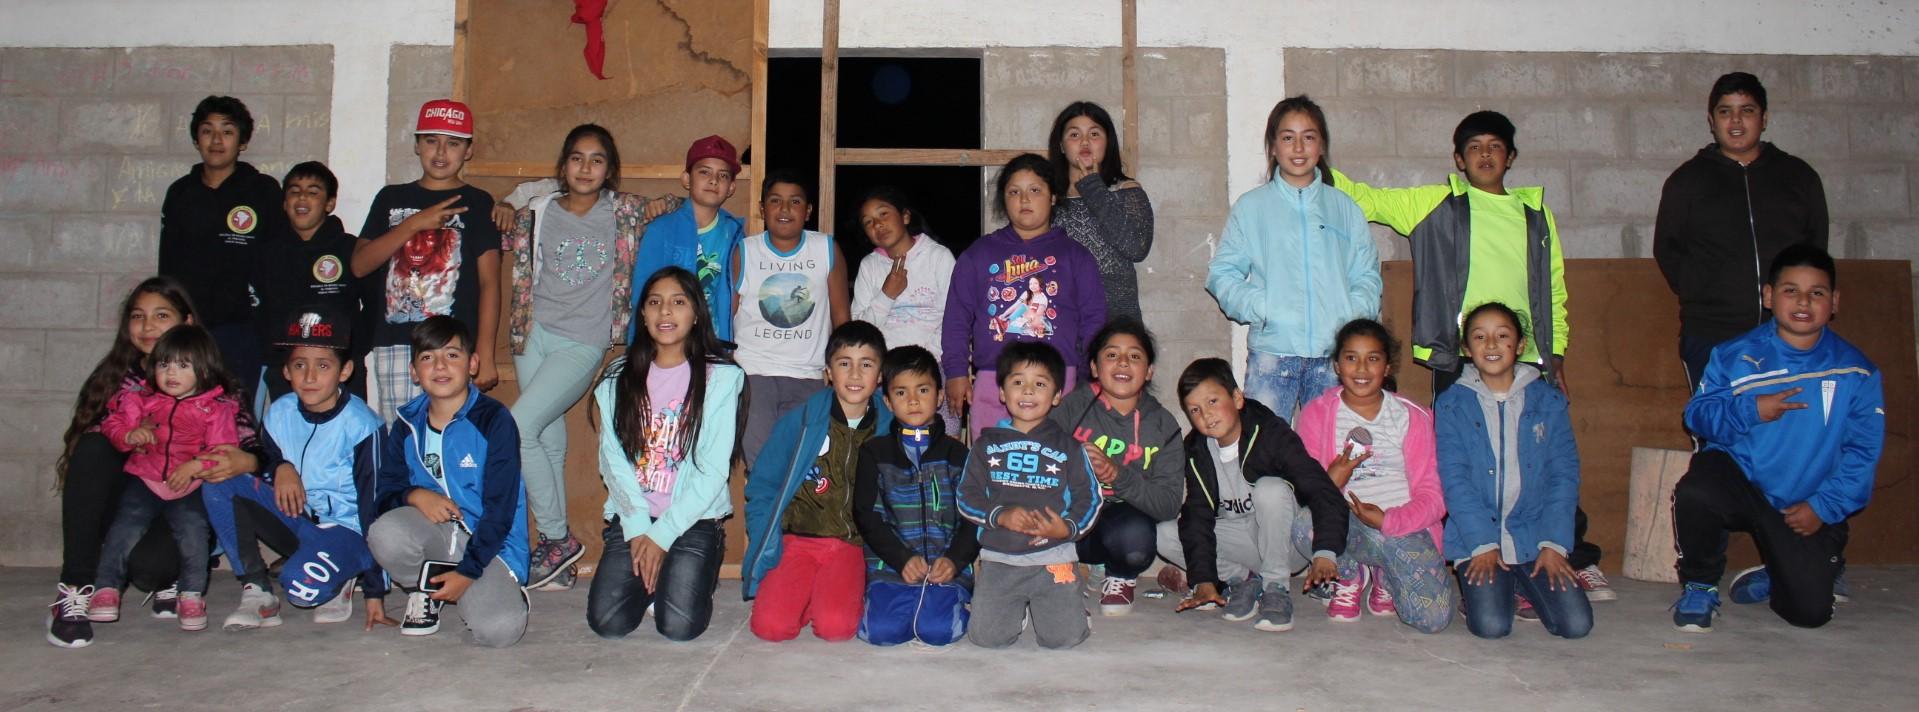 Estudiantes de escuelas rurales de Vallenar  se maravillaron con arqueoastronomía